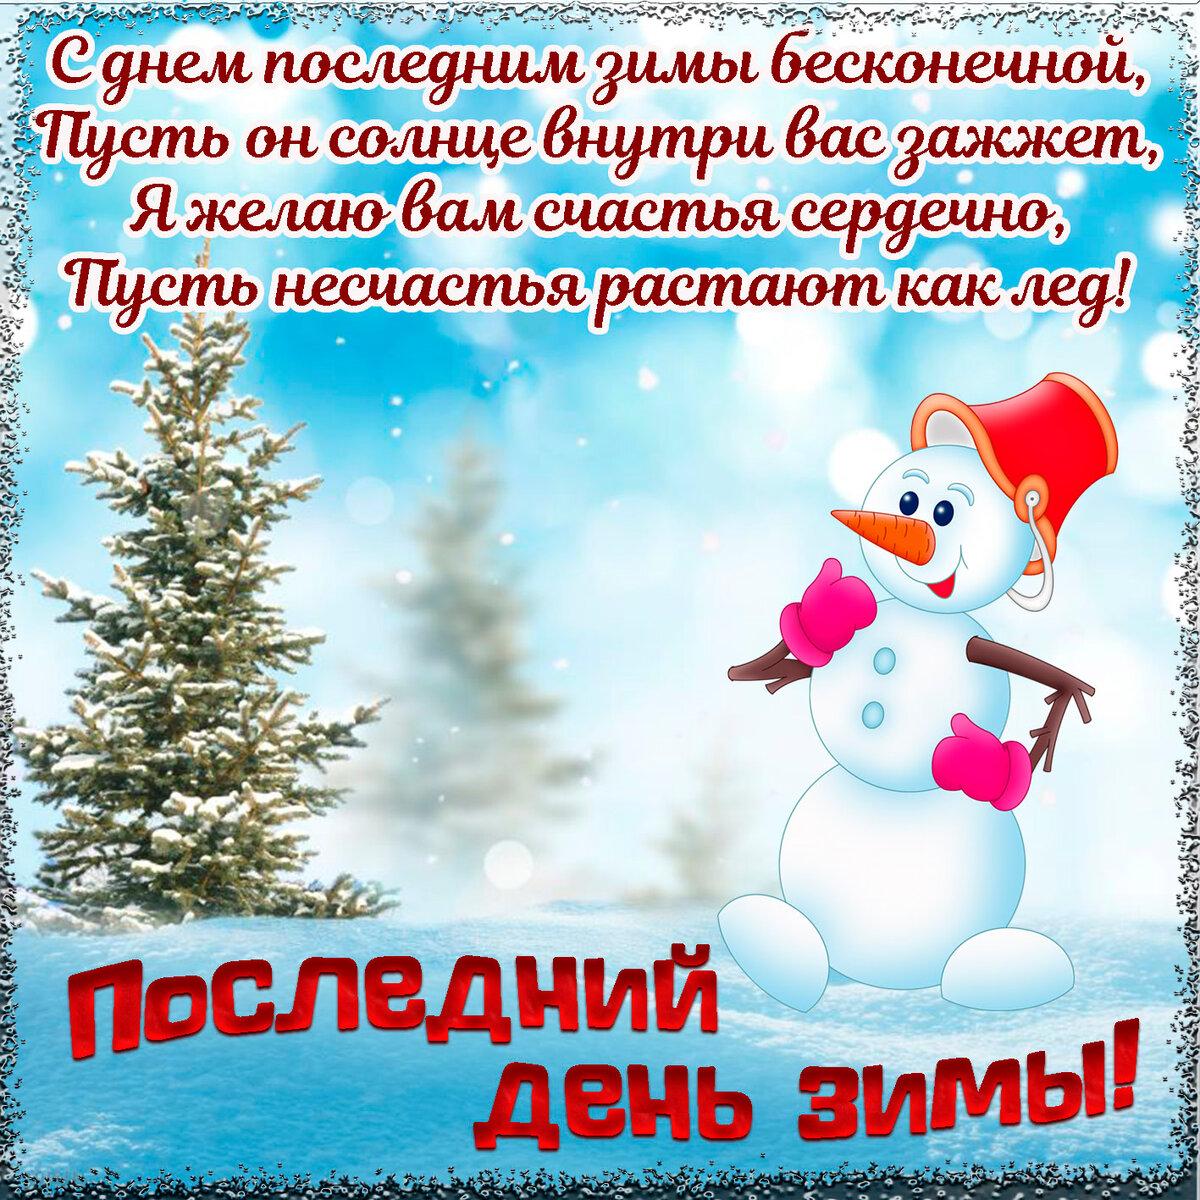 Последний день зимы смешные картинки